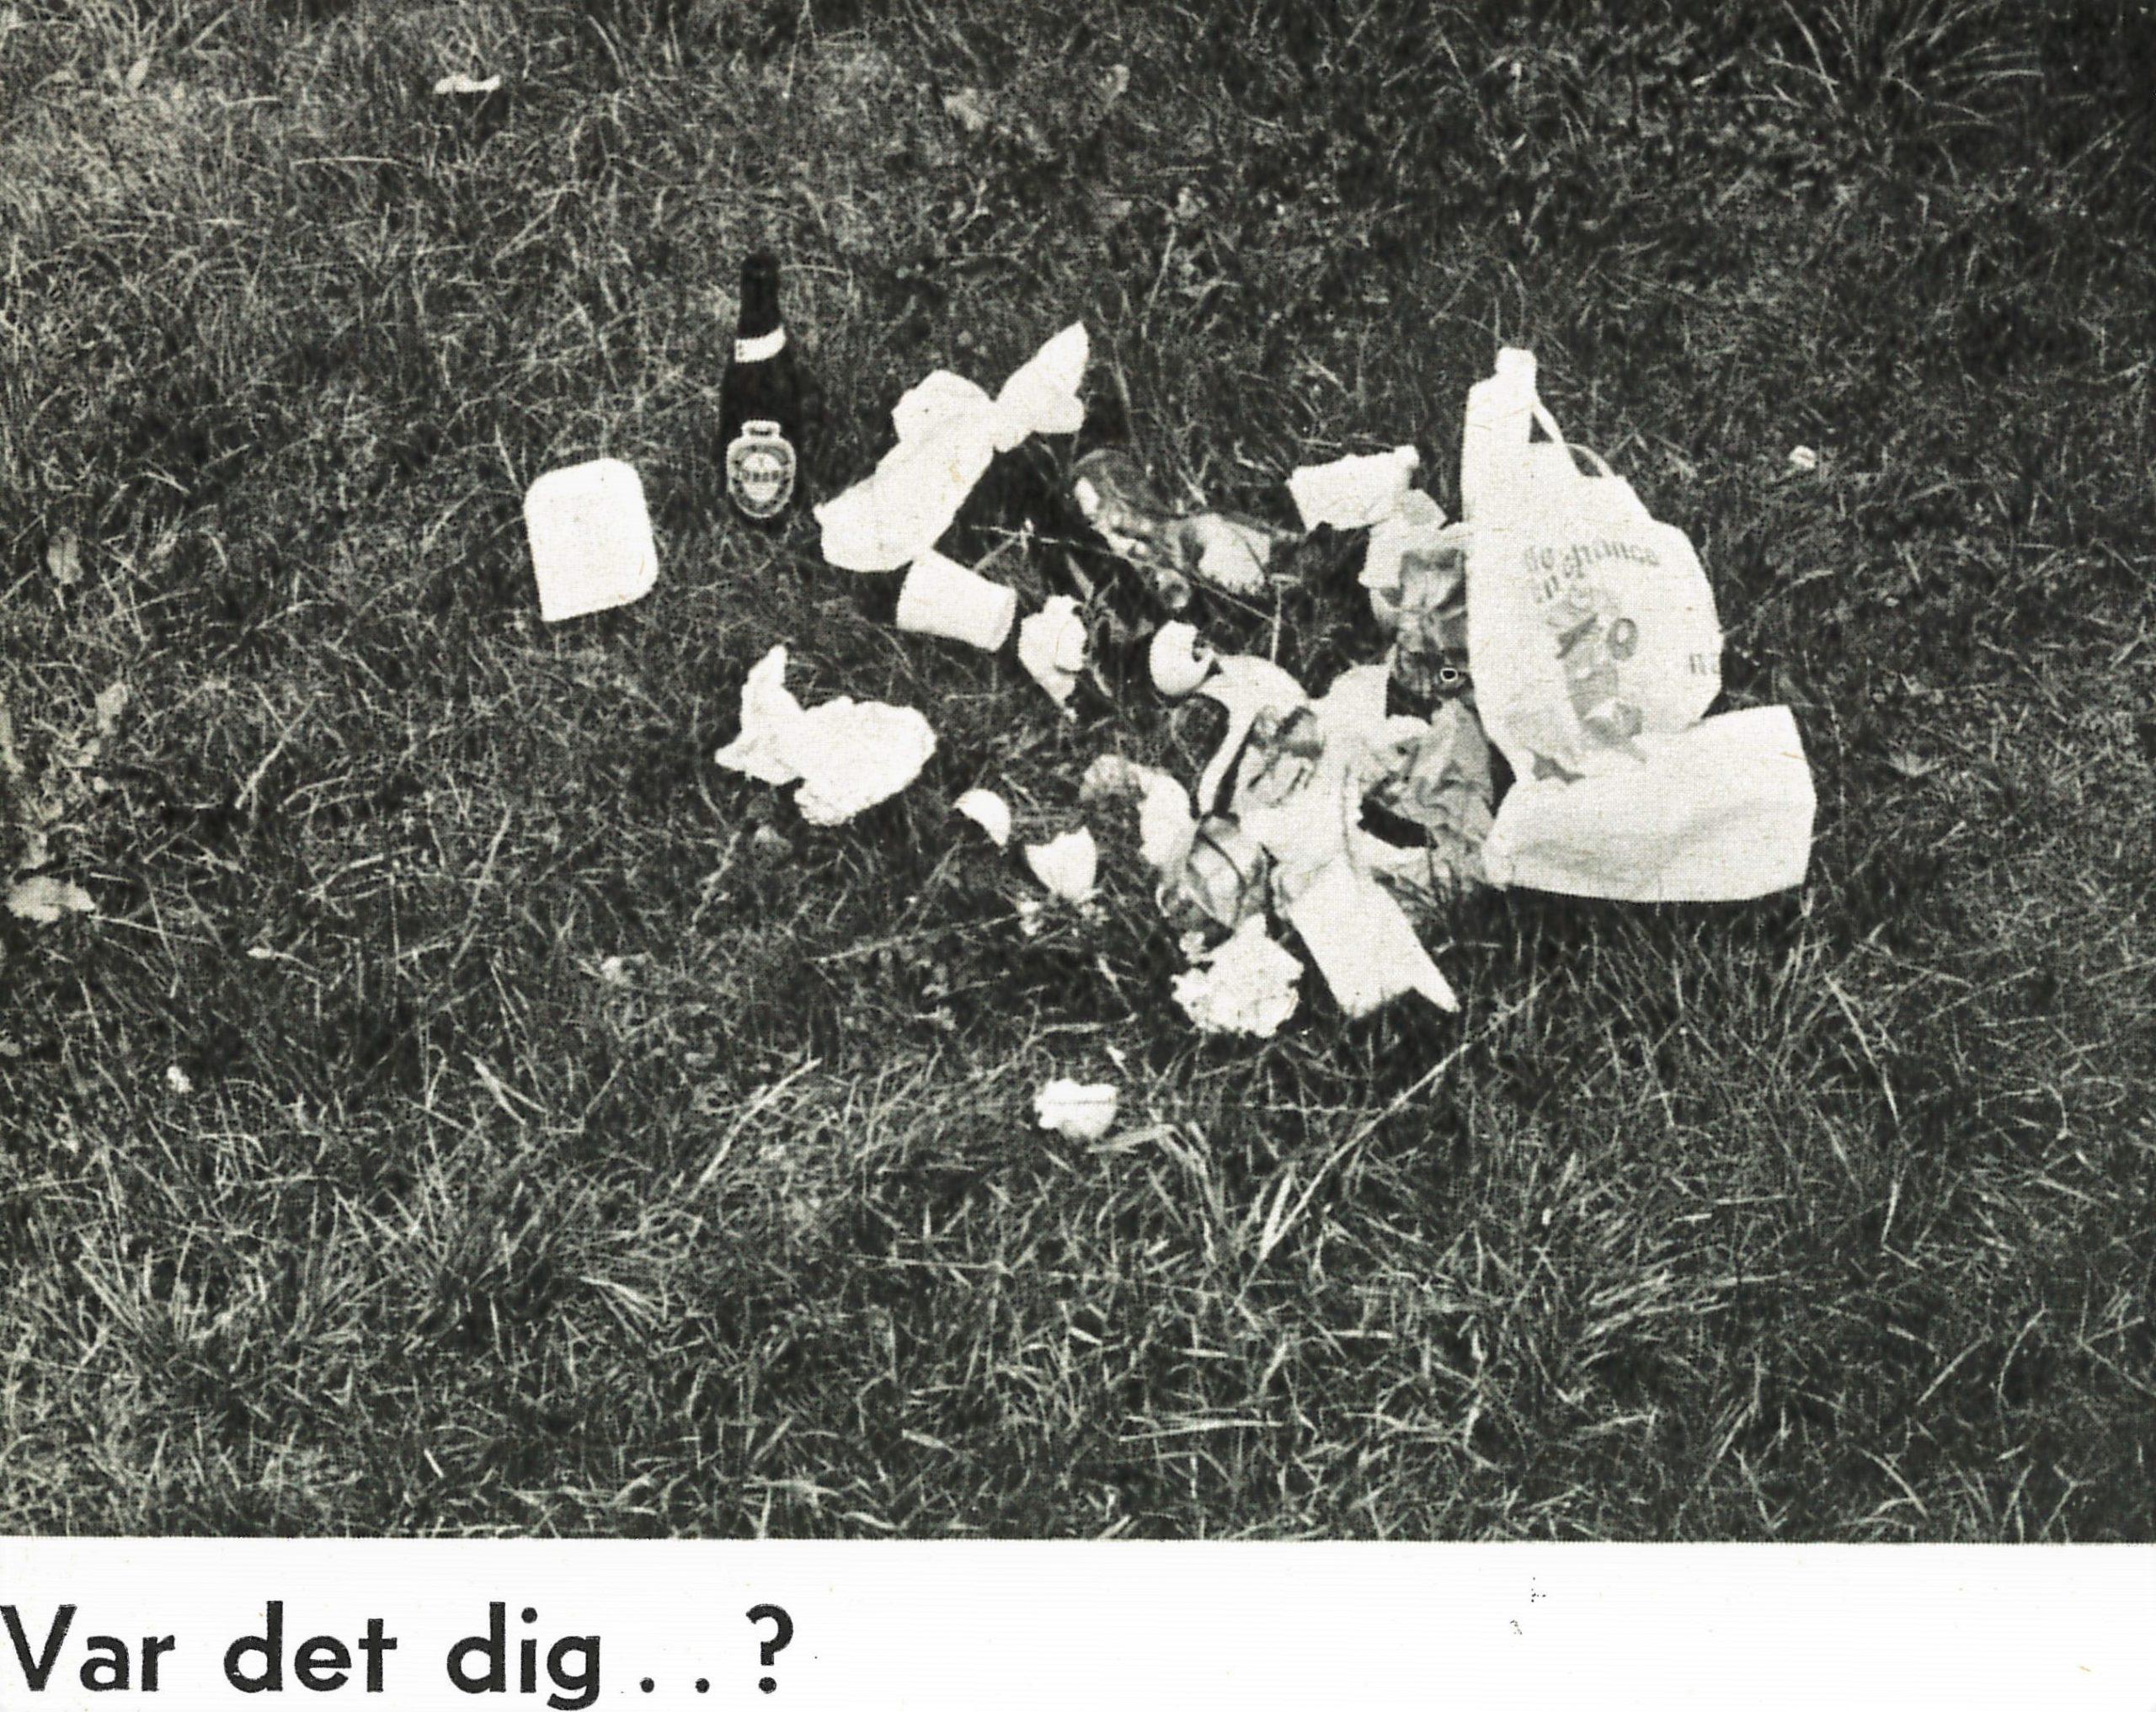 Miljøsvineri er desværre en gammel historie. Foto DVL arkiv